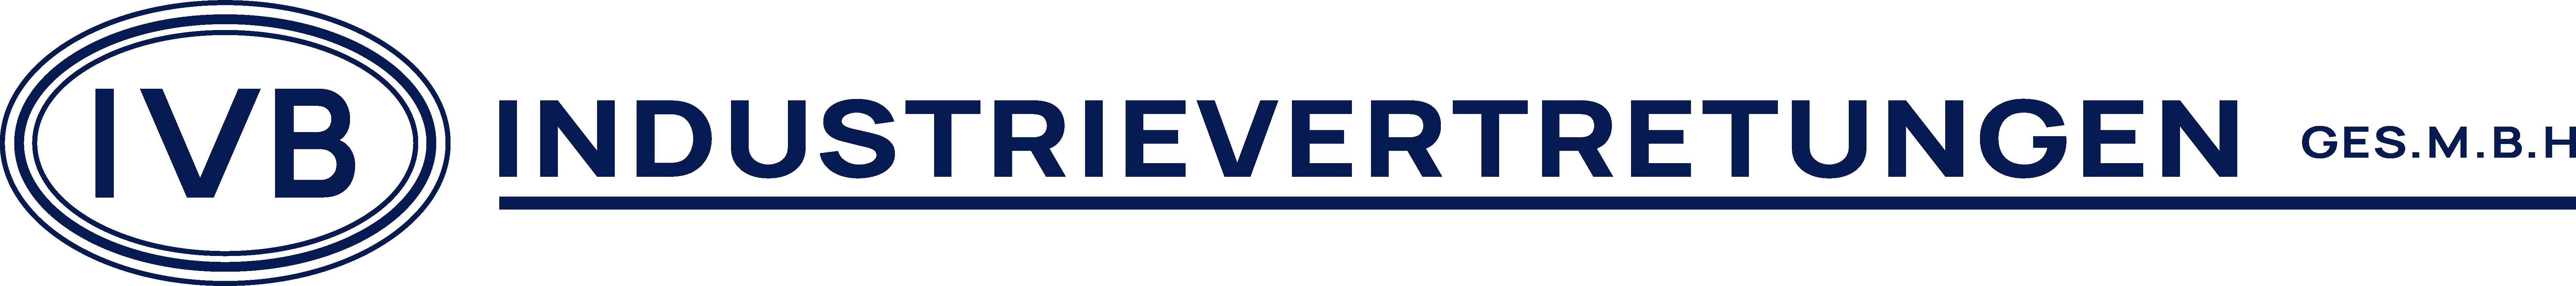 IVB Industrievertretungen - Österreich Handelsunternehmen - Logo